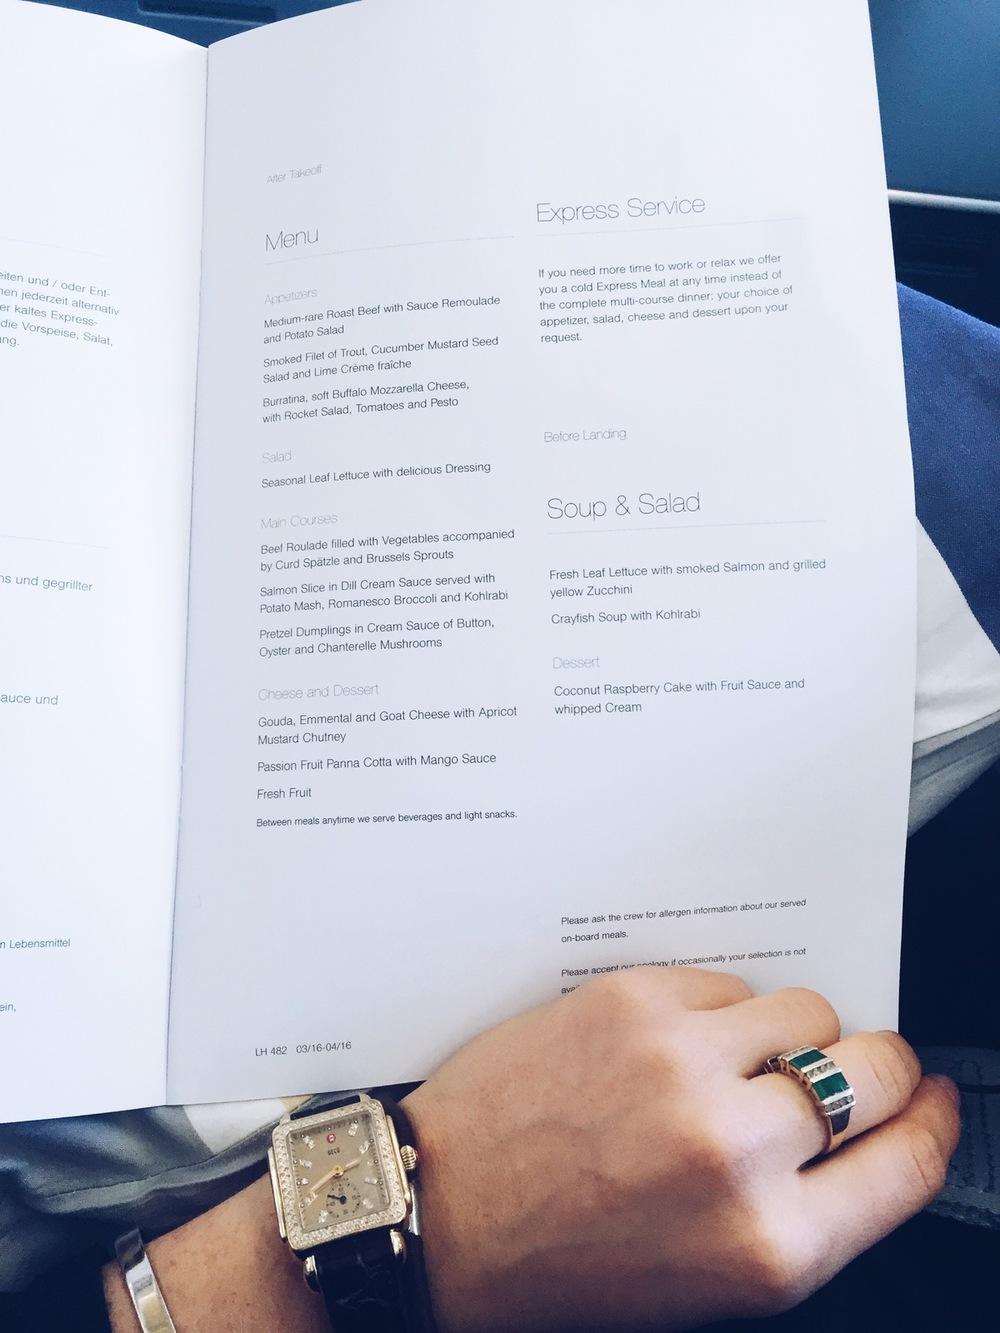 lufthansa business class menu.jpg